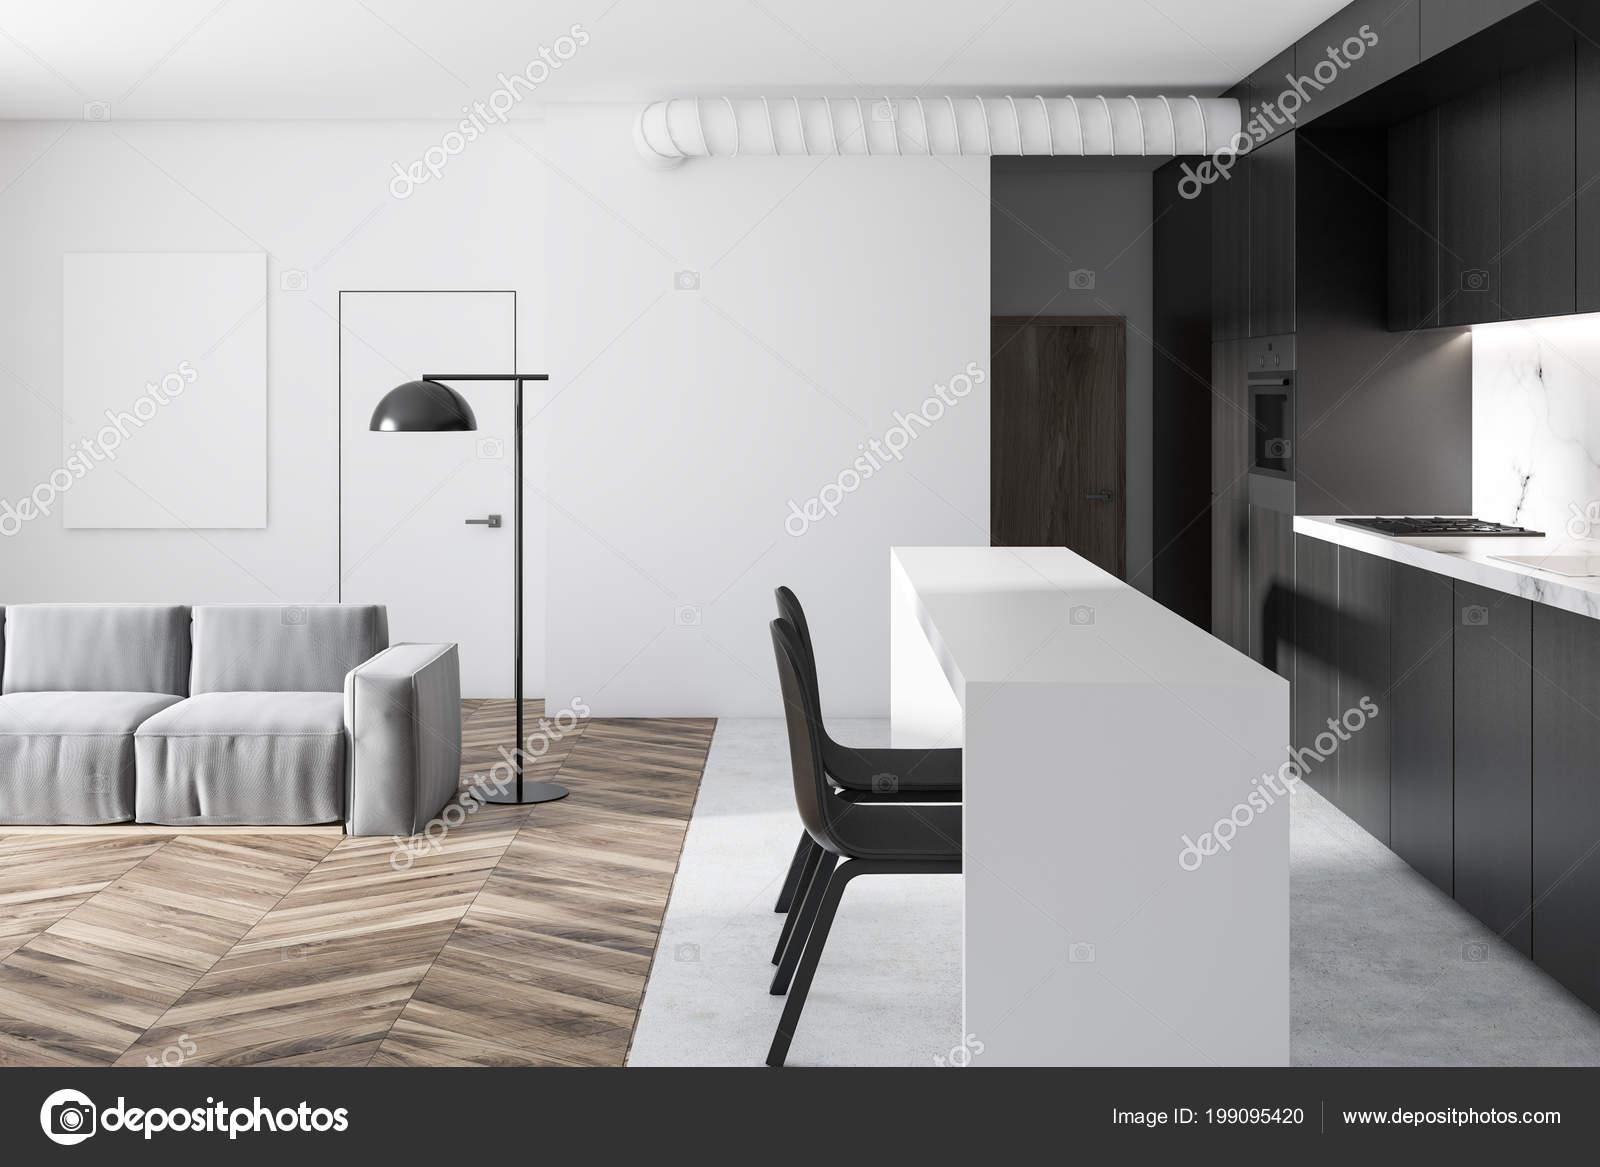 Cucina Bianca Nera Interno Del Salone Monolocale Con Pavimento Legno ...